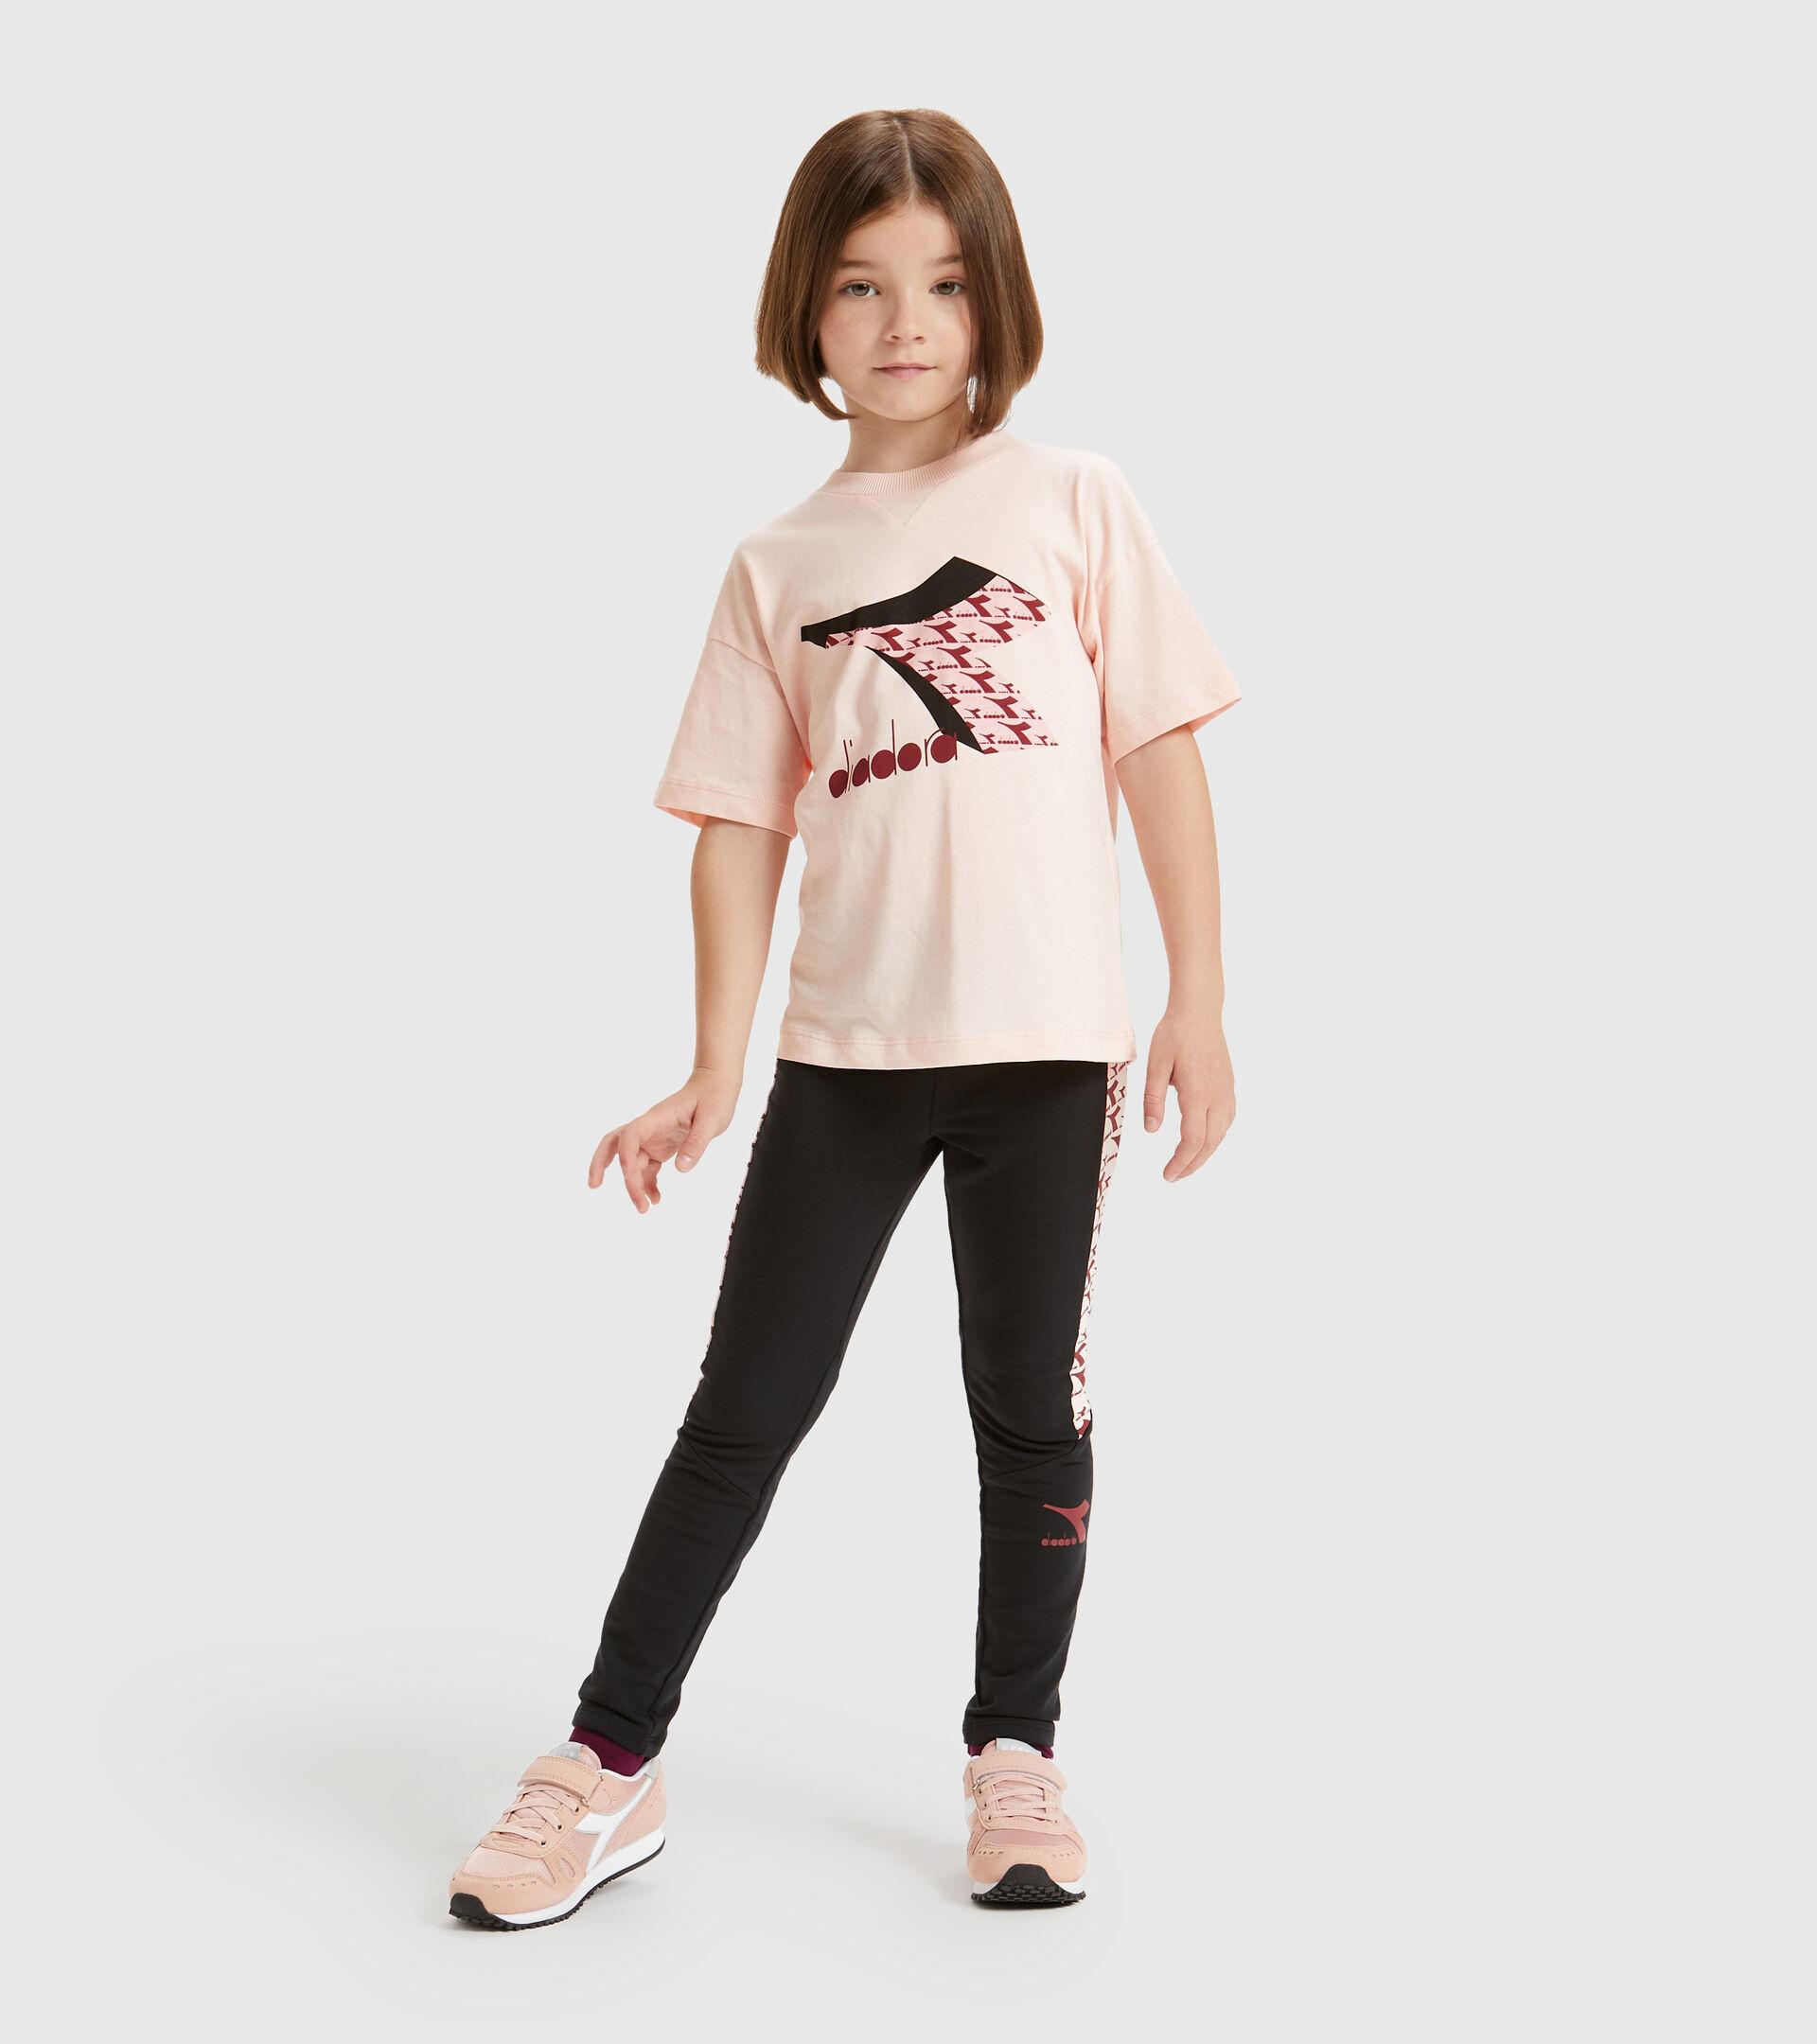 T-Shirt - Kinder JU.SS T-SHIRT  CUBIC VERSCHLEIERT ROSA - Diadora